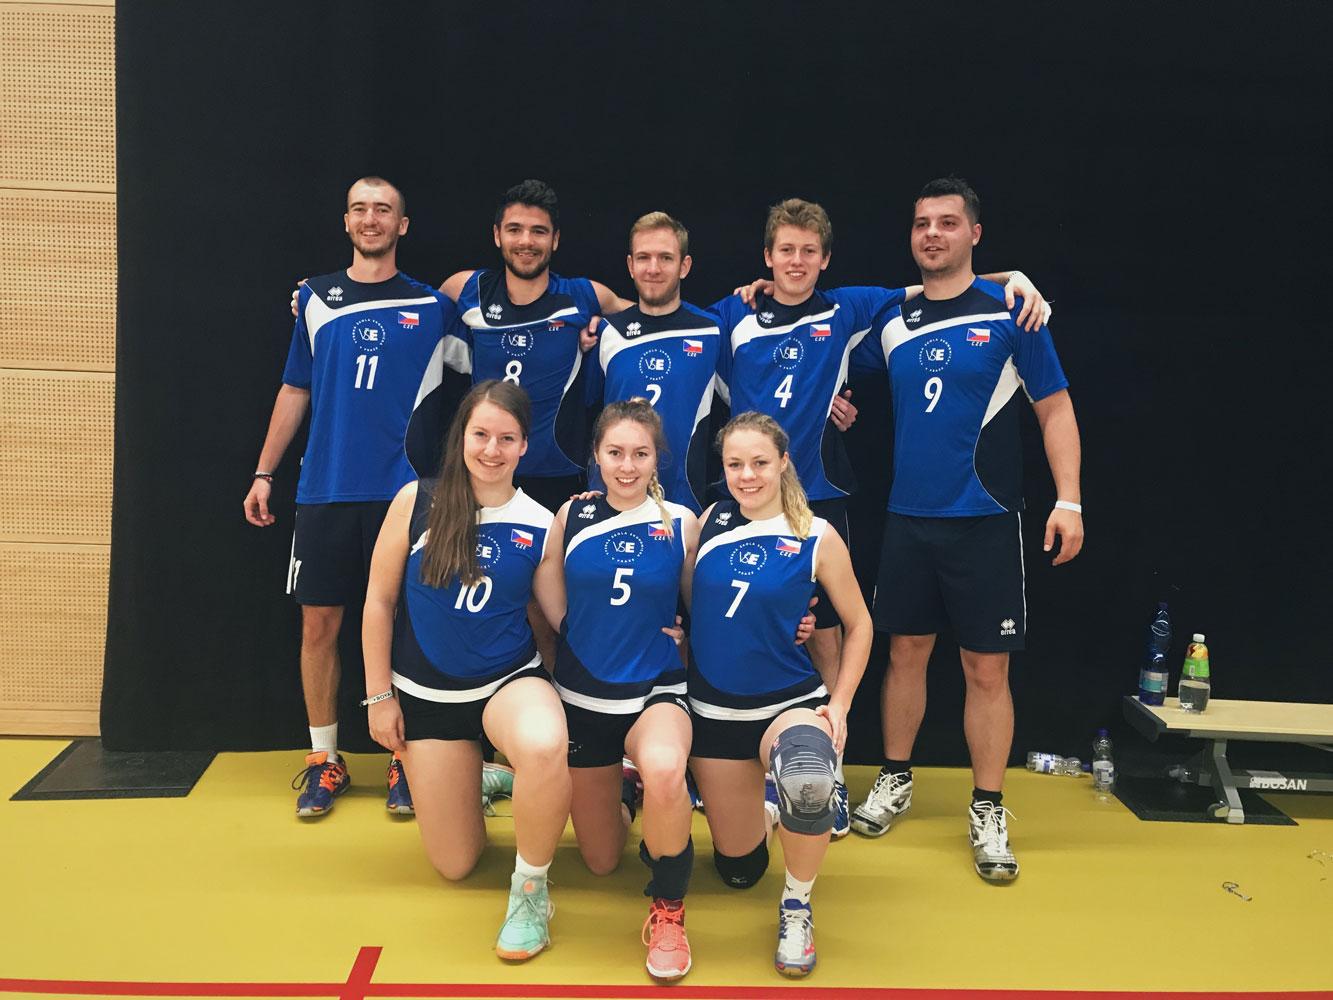 Vítězství volejbalové reprezentace na turnaji Royals Cup v Maastrichtu